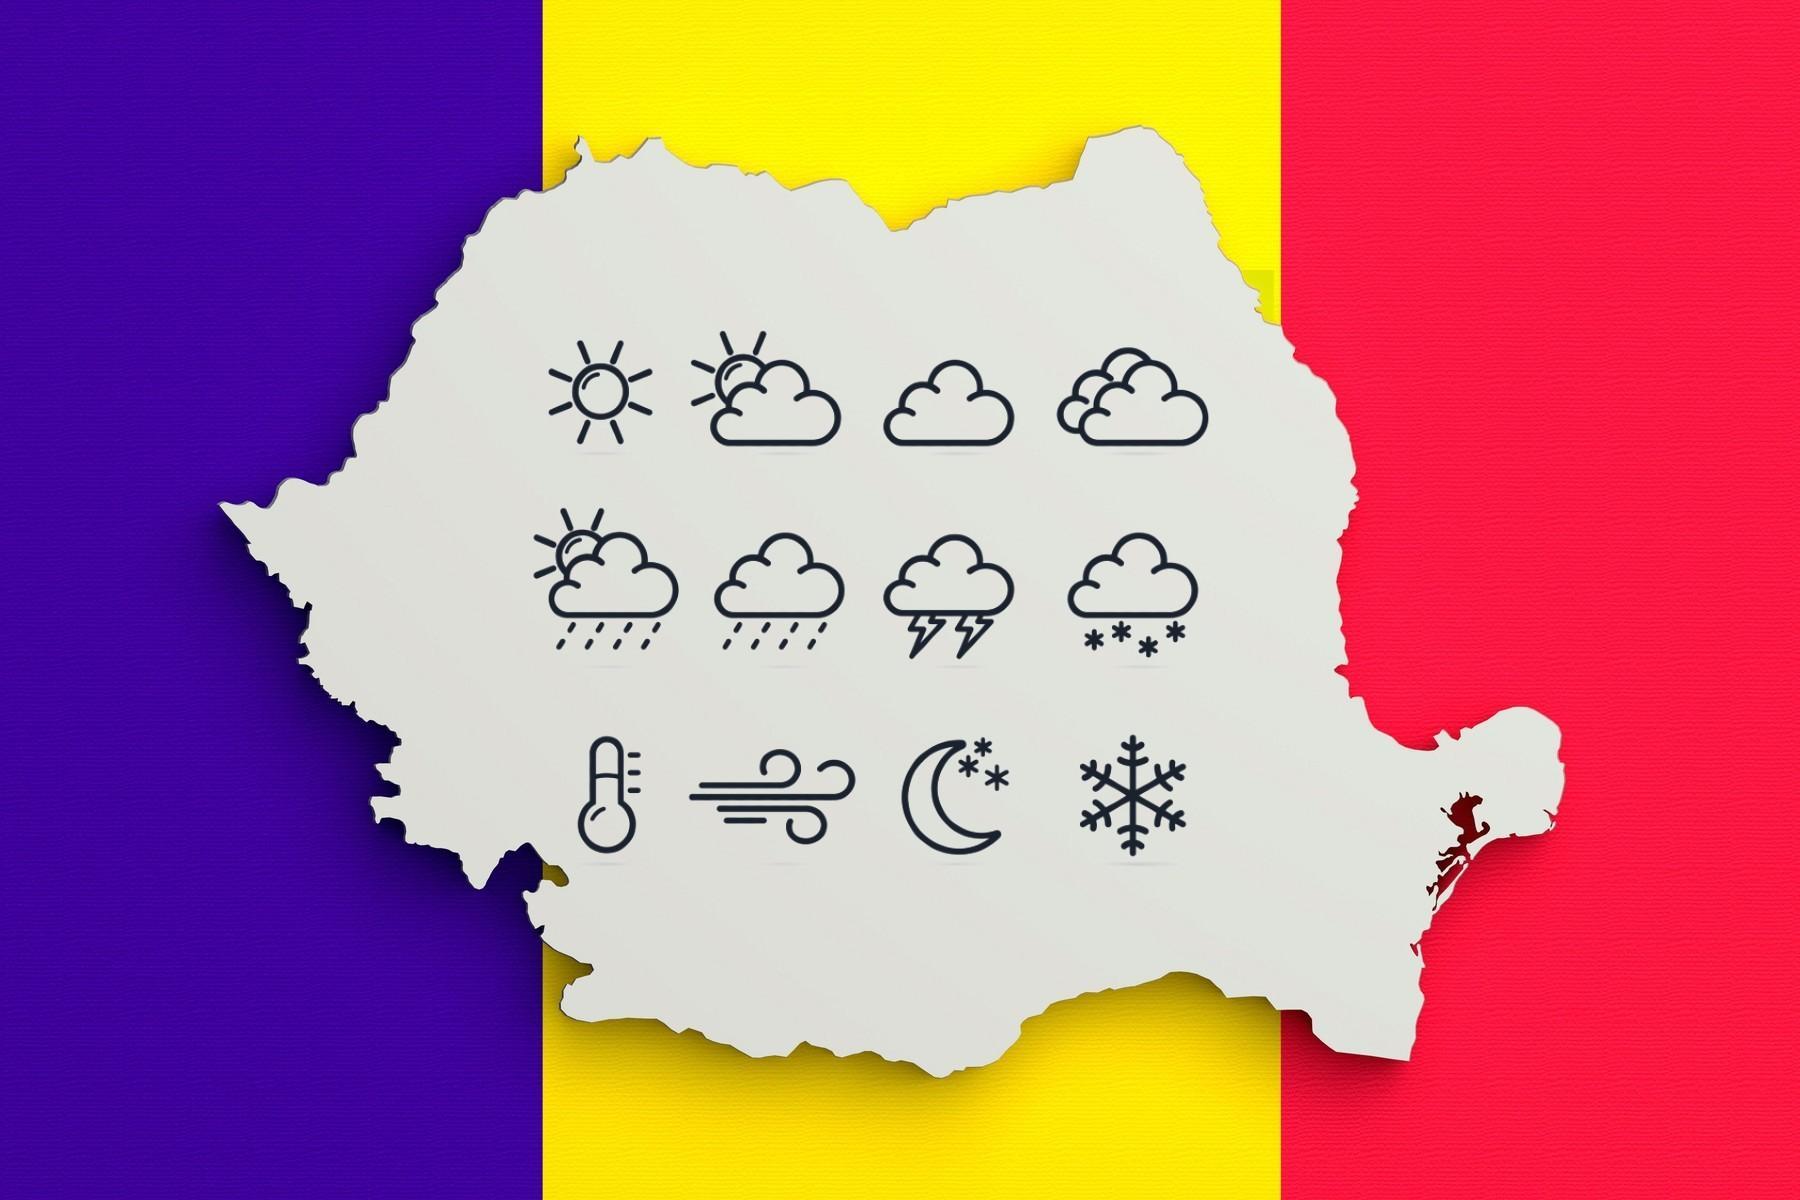 Prognoza meteo 13 martie 2021. Cum e vremea în România și care sunt previziunile ANM pentru astăzi